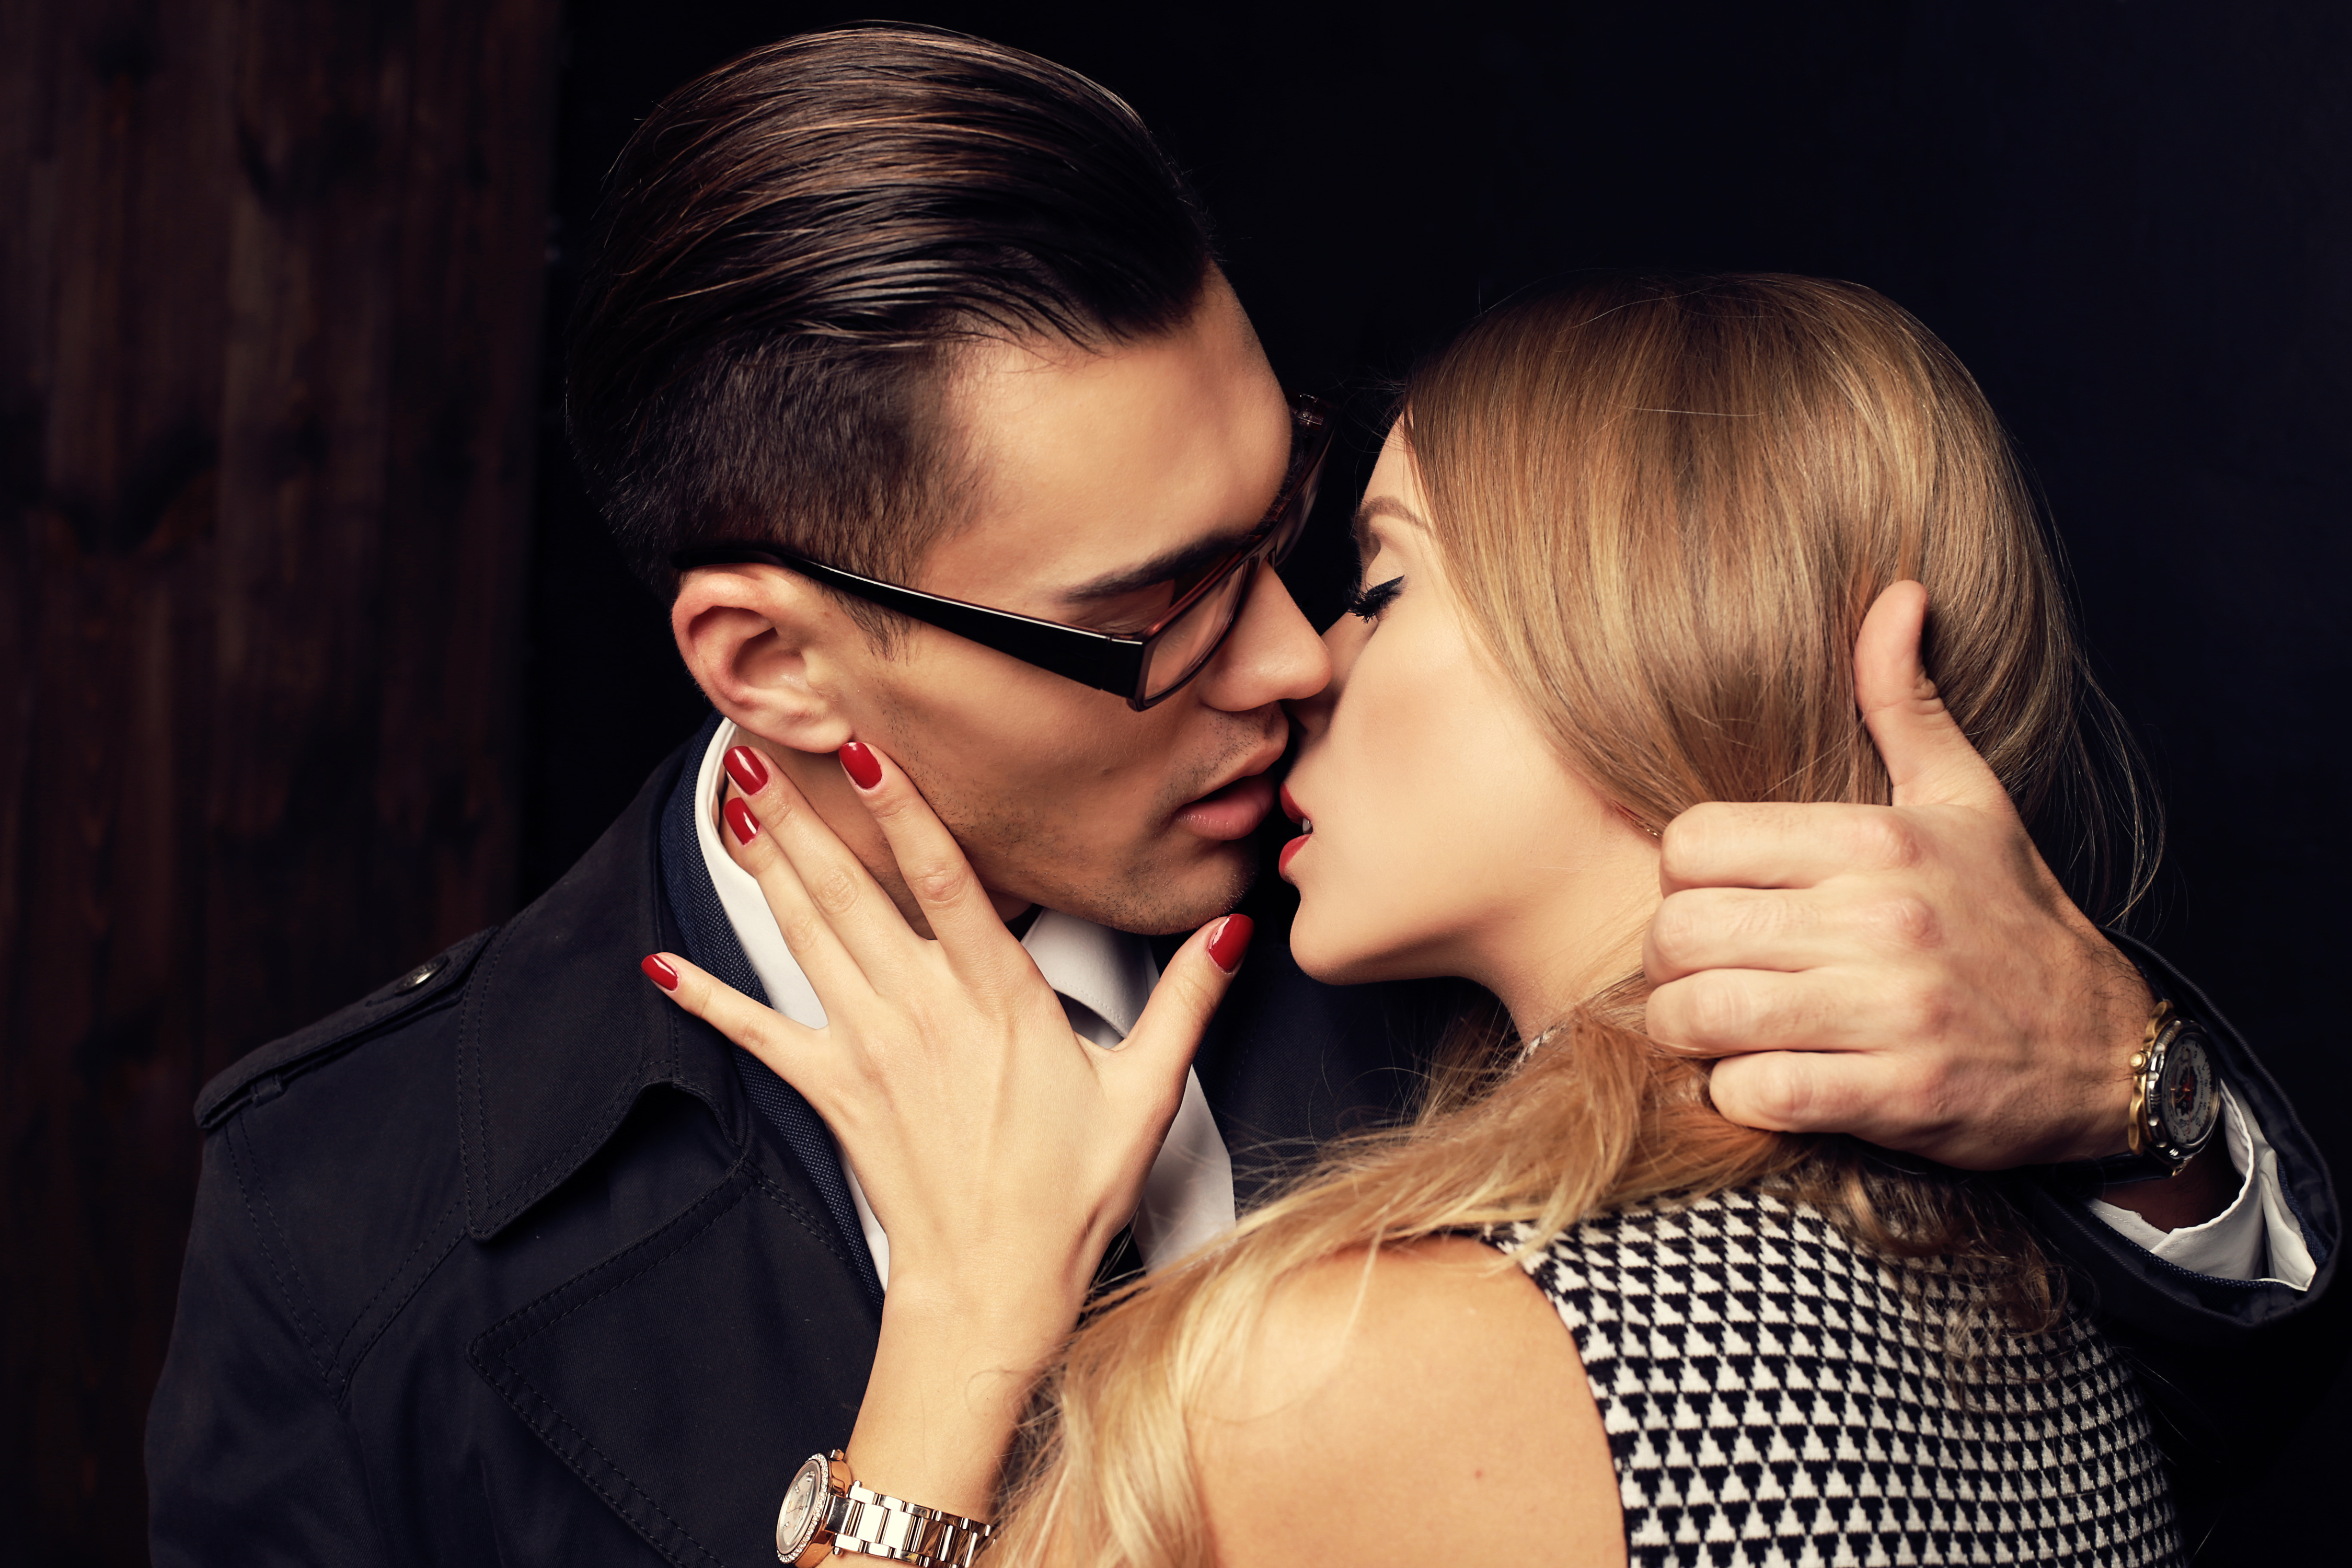 Обои Блондинка Мужчины Поцелуй 2 Любовь Девушки Руки Очки 4500x3000 Двое вдвоем